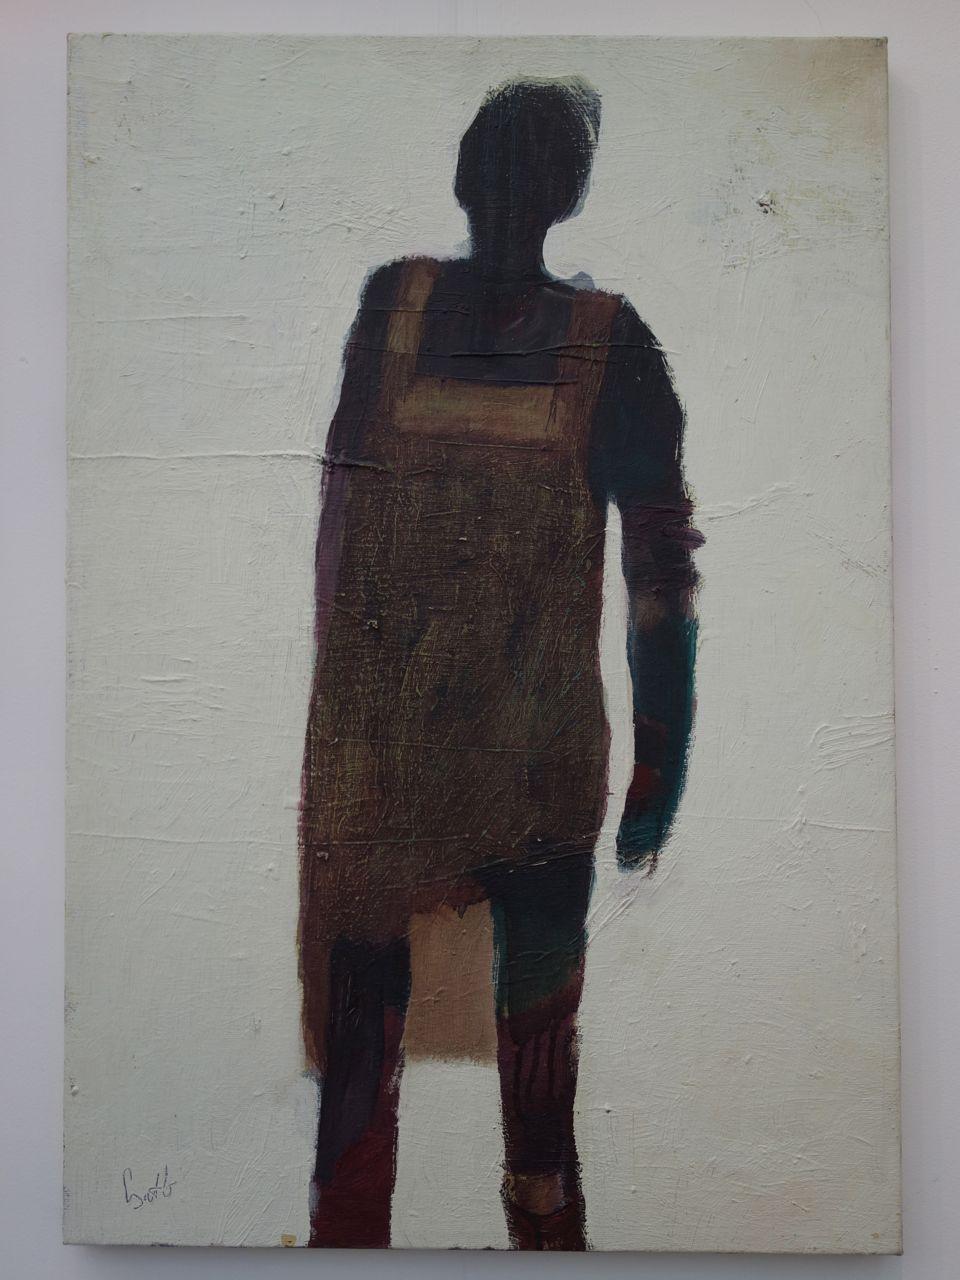 Jozsef Csato, 'Black and White', 2012, Oil on canvas, 68 x 46 cm. Z10 / Zsofi Postyn (London)